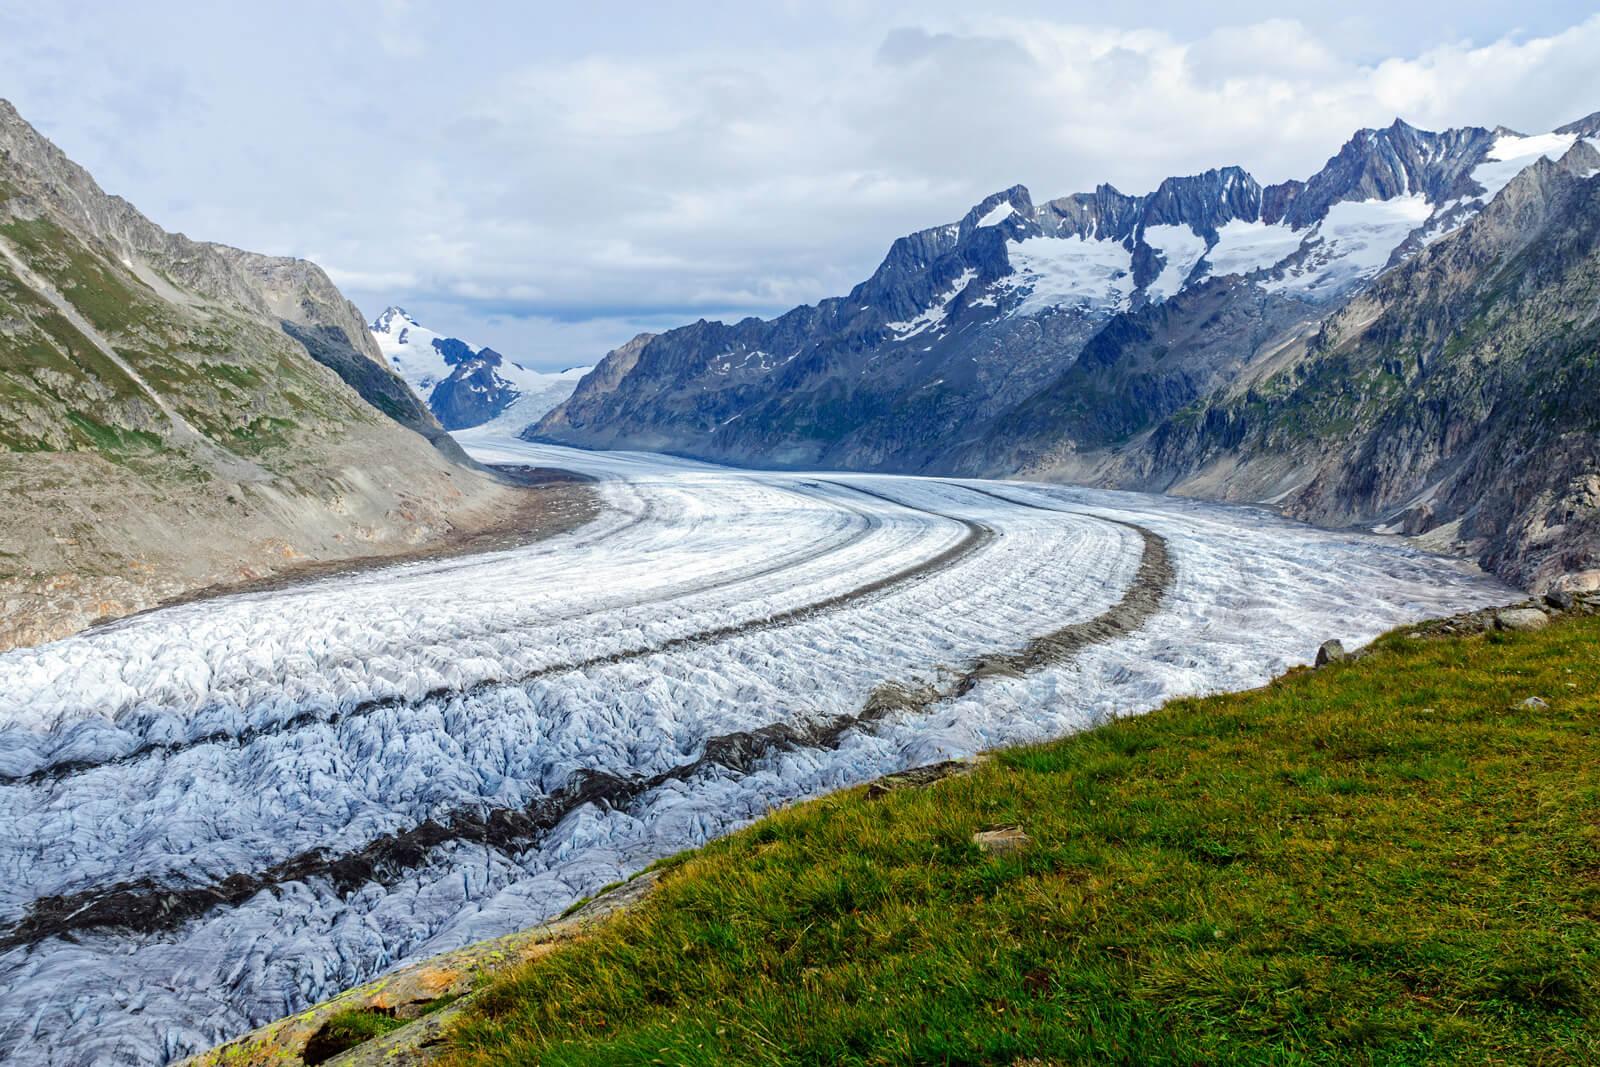 Aletsch Glacier in Valais, Switzerland